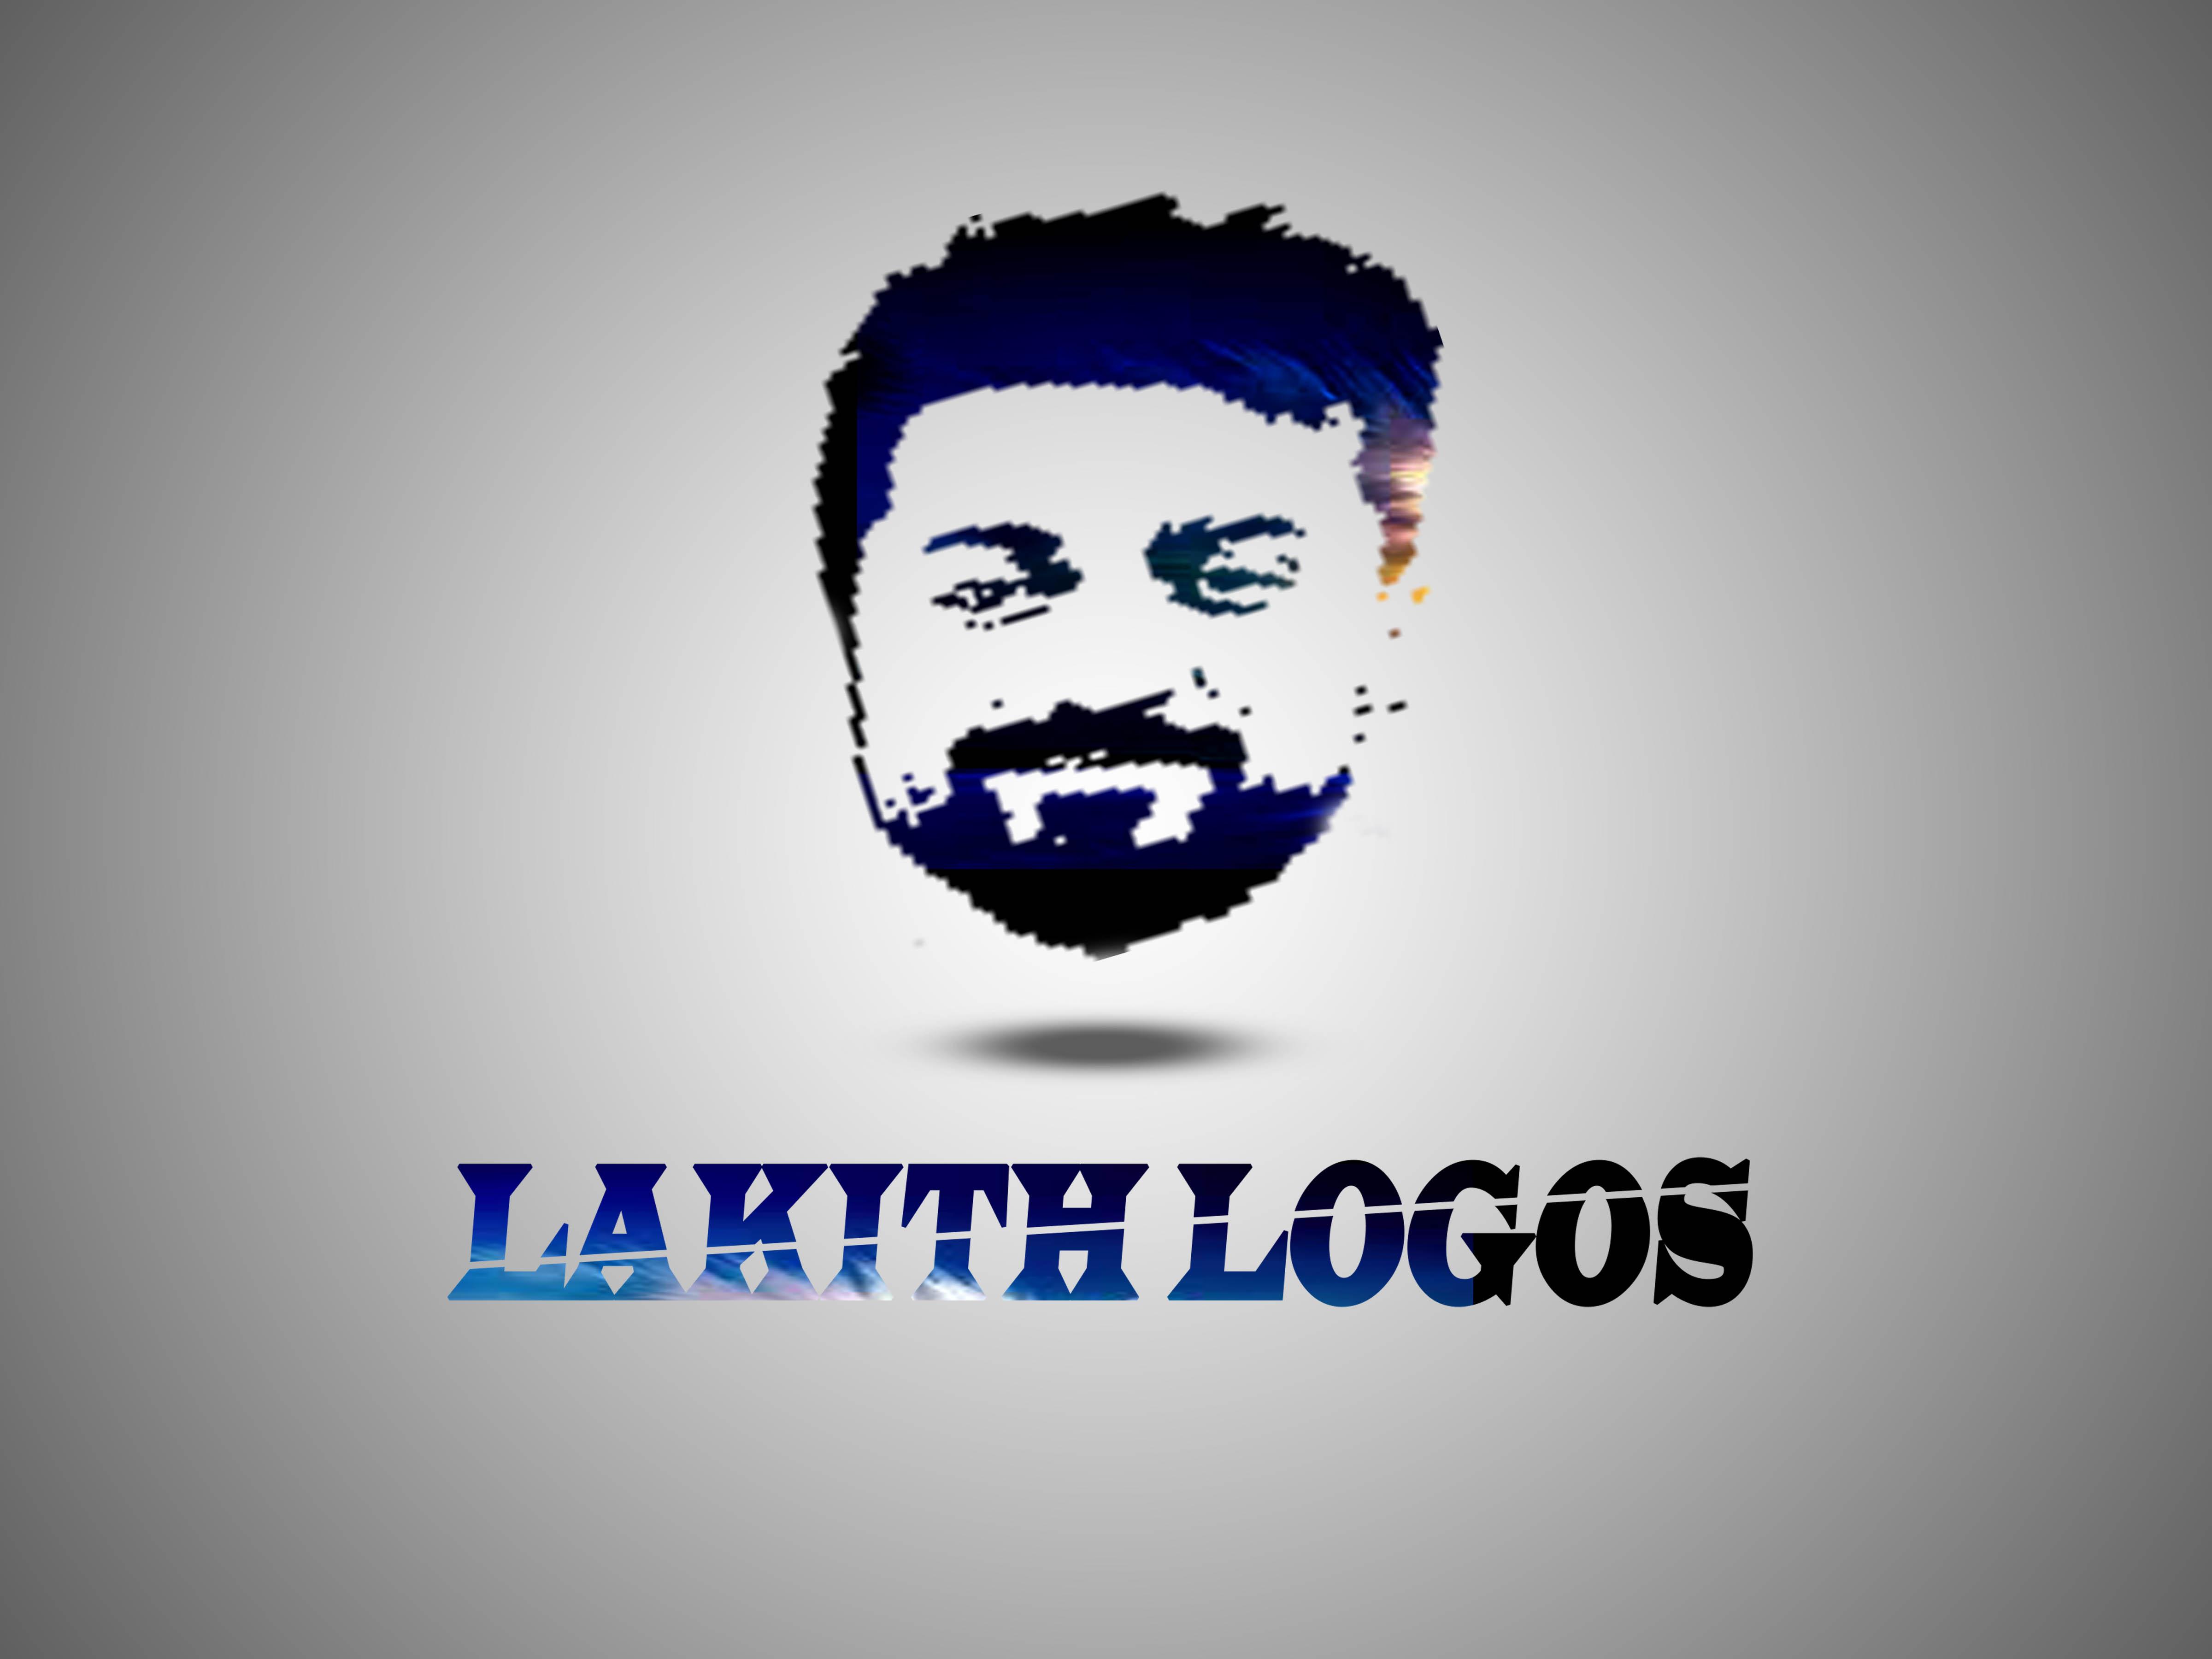 Creative face logo design. Creative any face logos you want.